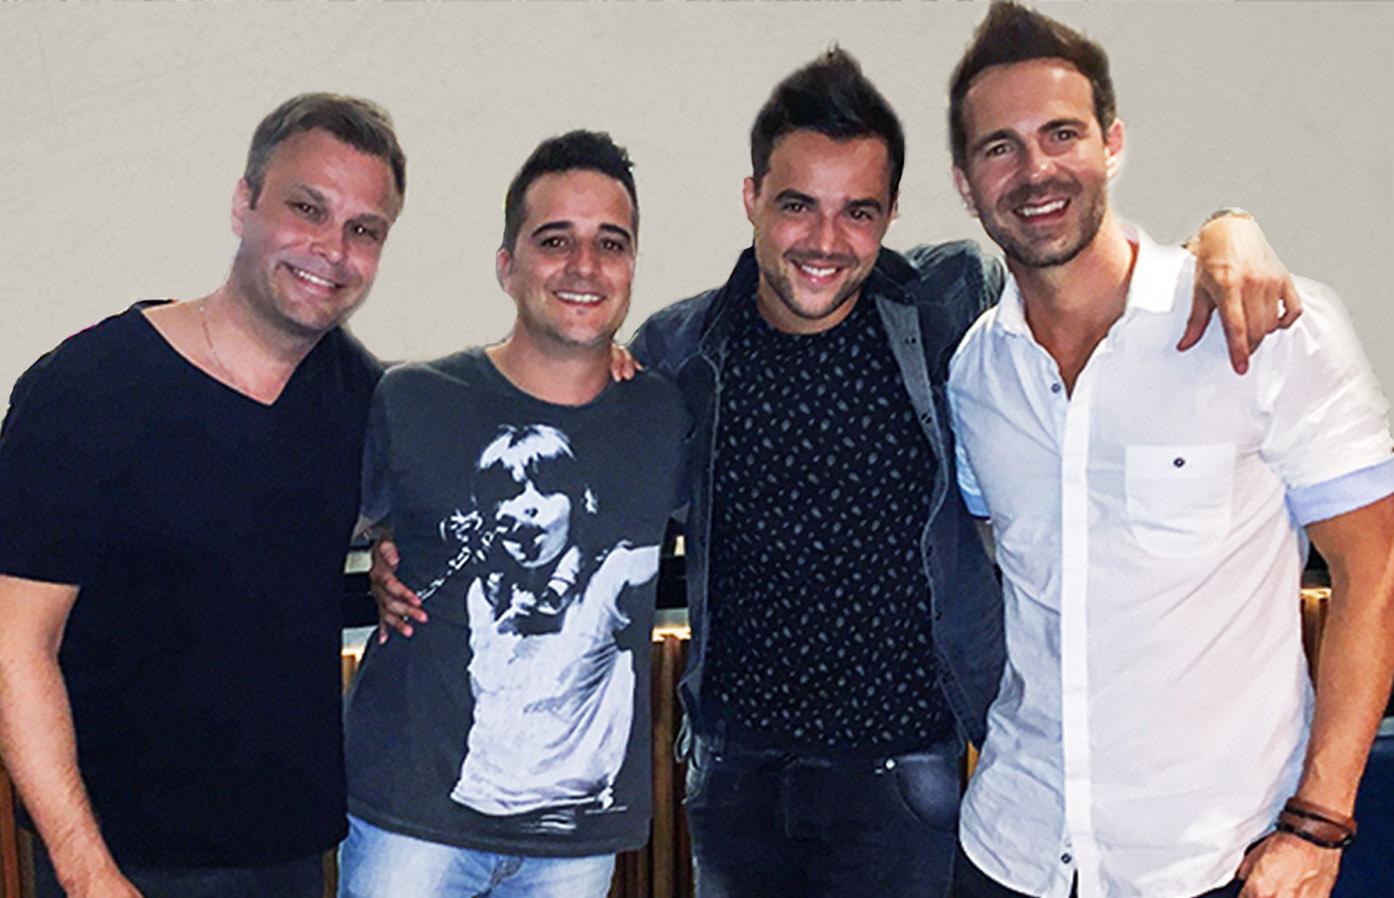 444259fa6e7 Lemon GreenTea  Paul Marazzi joins original band mates with ...